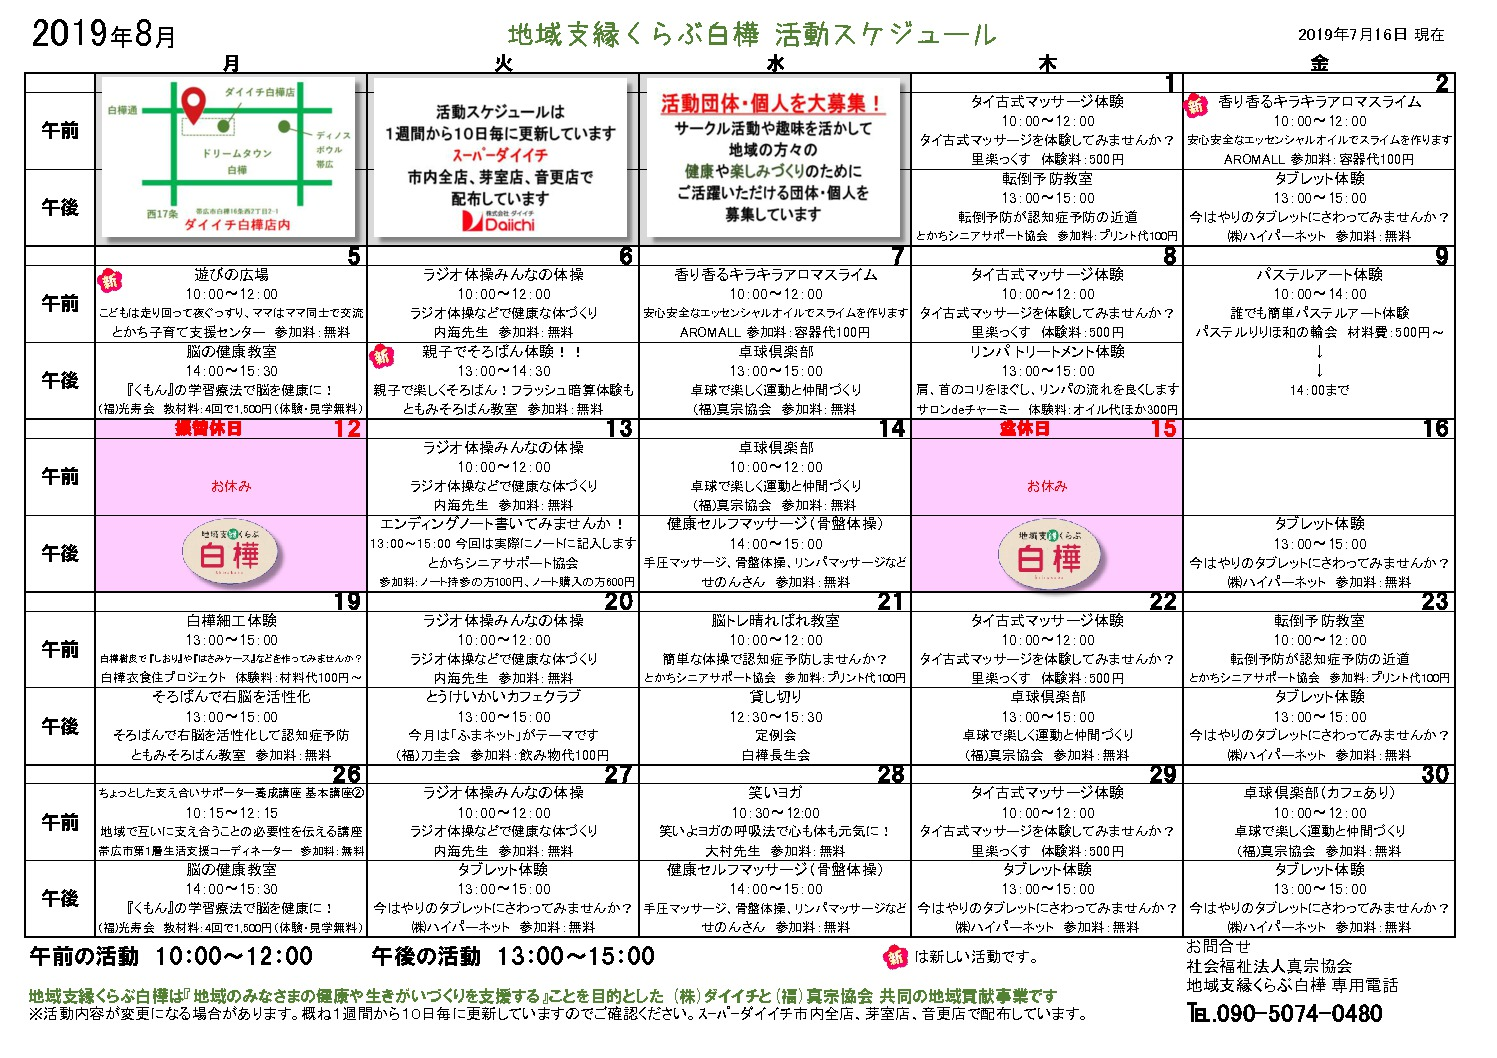 2019活動スケジュール8(2019.7.16付)のサムネイル